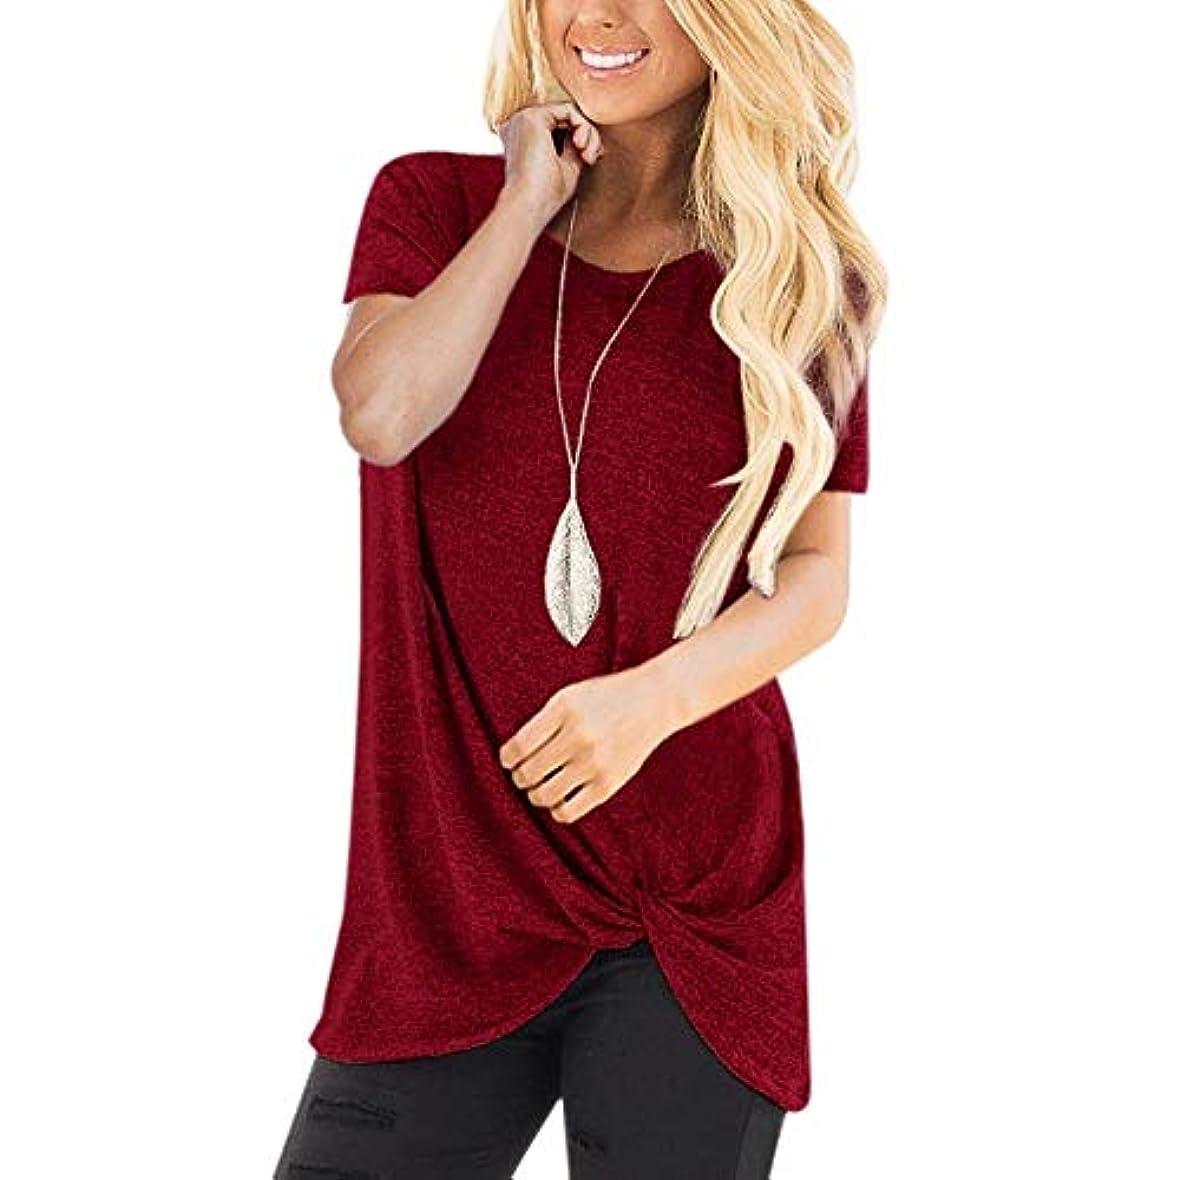 鋼好むぶどうMIFAN コットンTシャツ、カジュアルTシャツ、レディースブラウス、トップス&Tシャツ、プラスサイズ、ルーズtシャツ